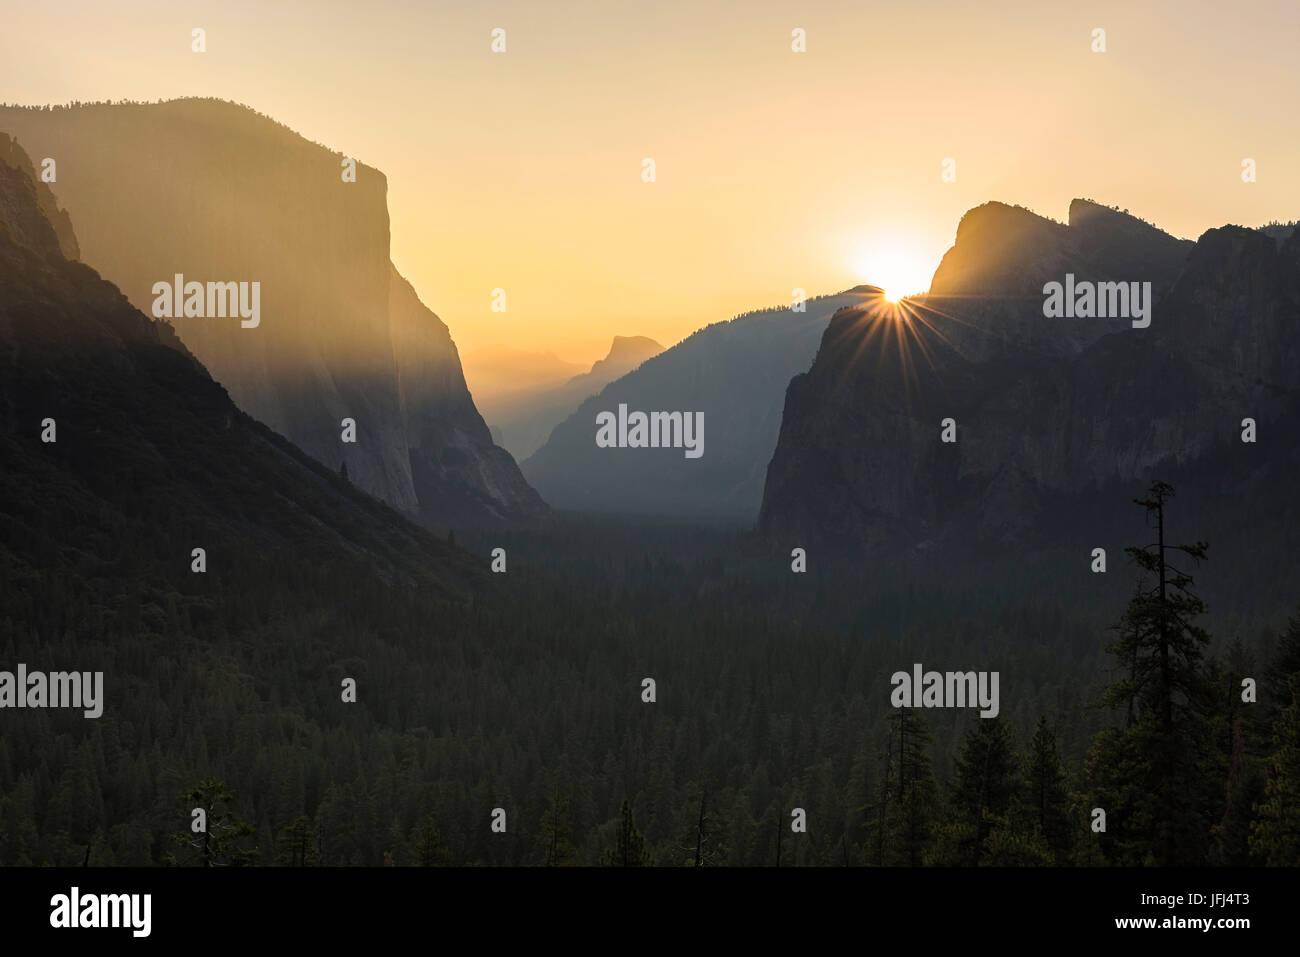 Lumière dorée dans le parc national de Yosemite, aux États-Unis, en Californie Banque D'Images